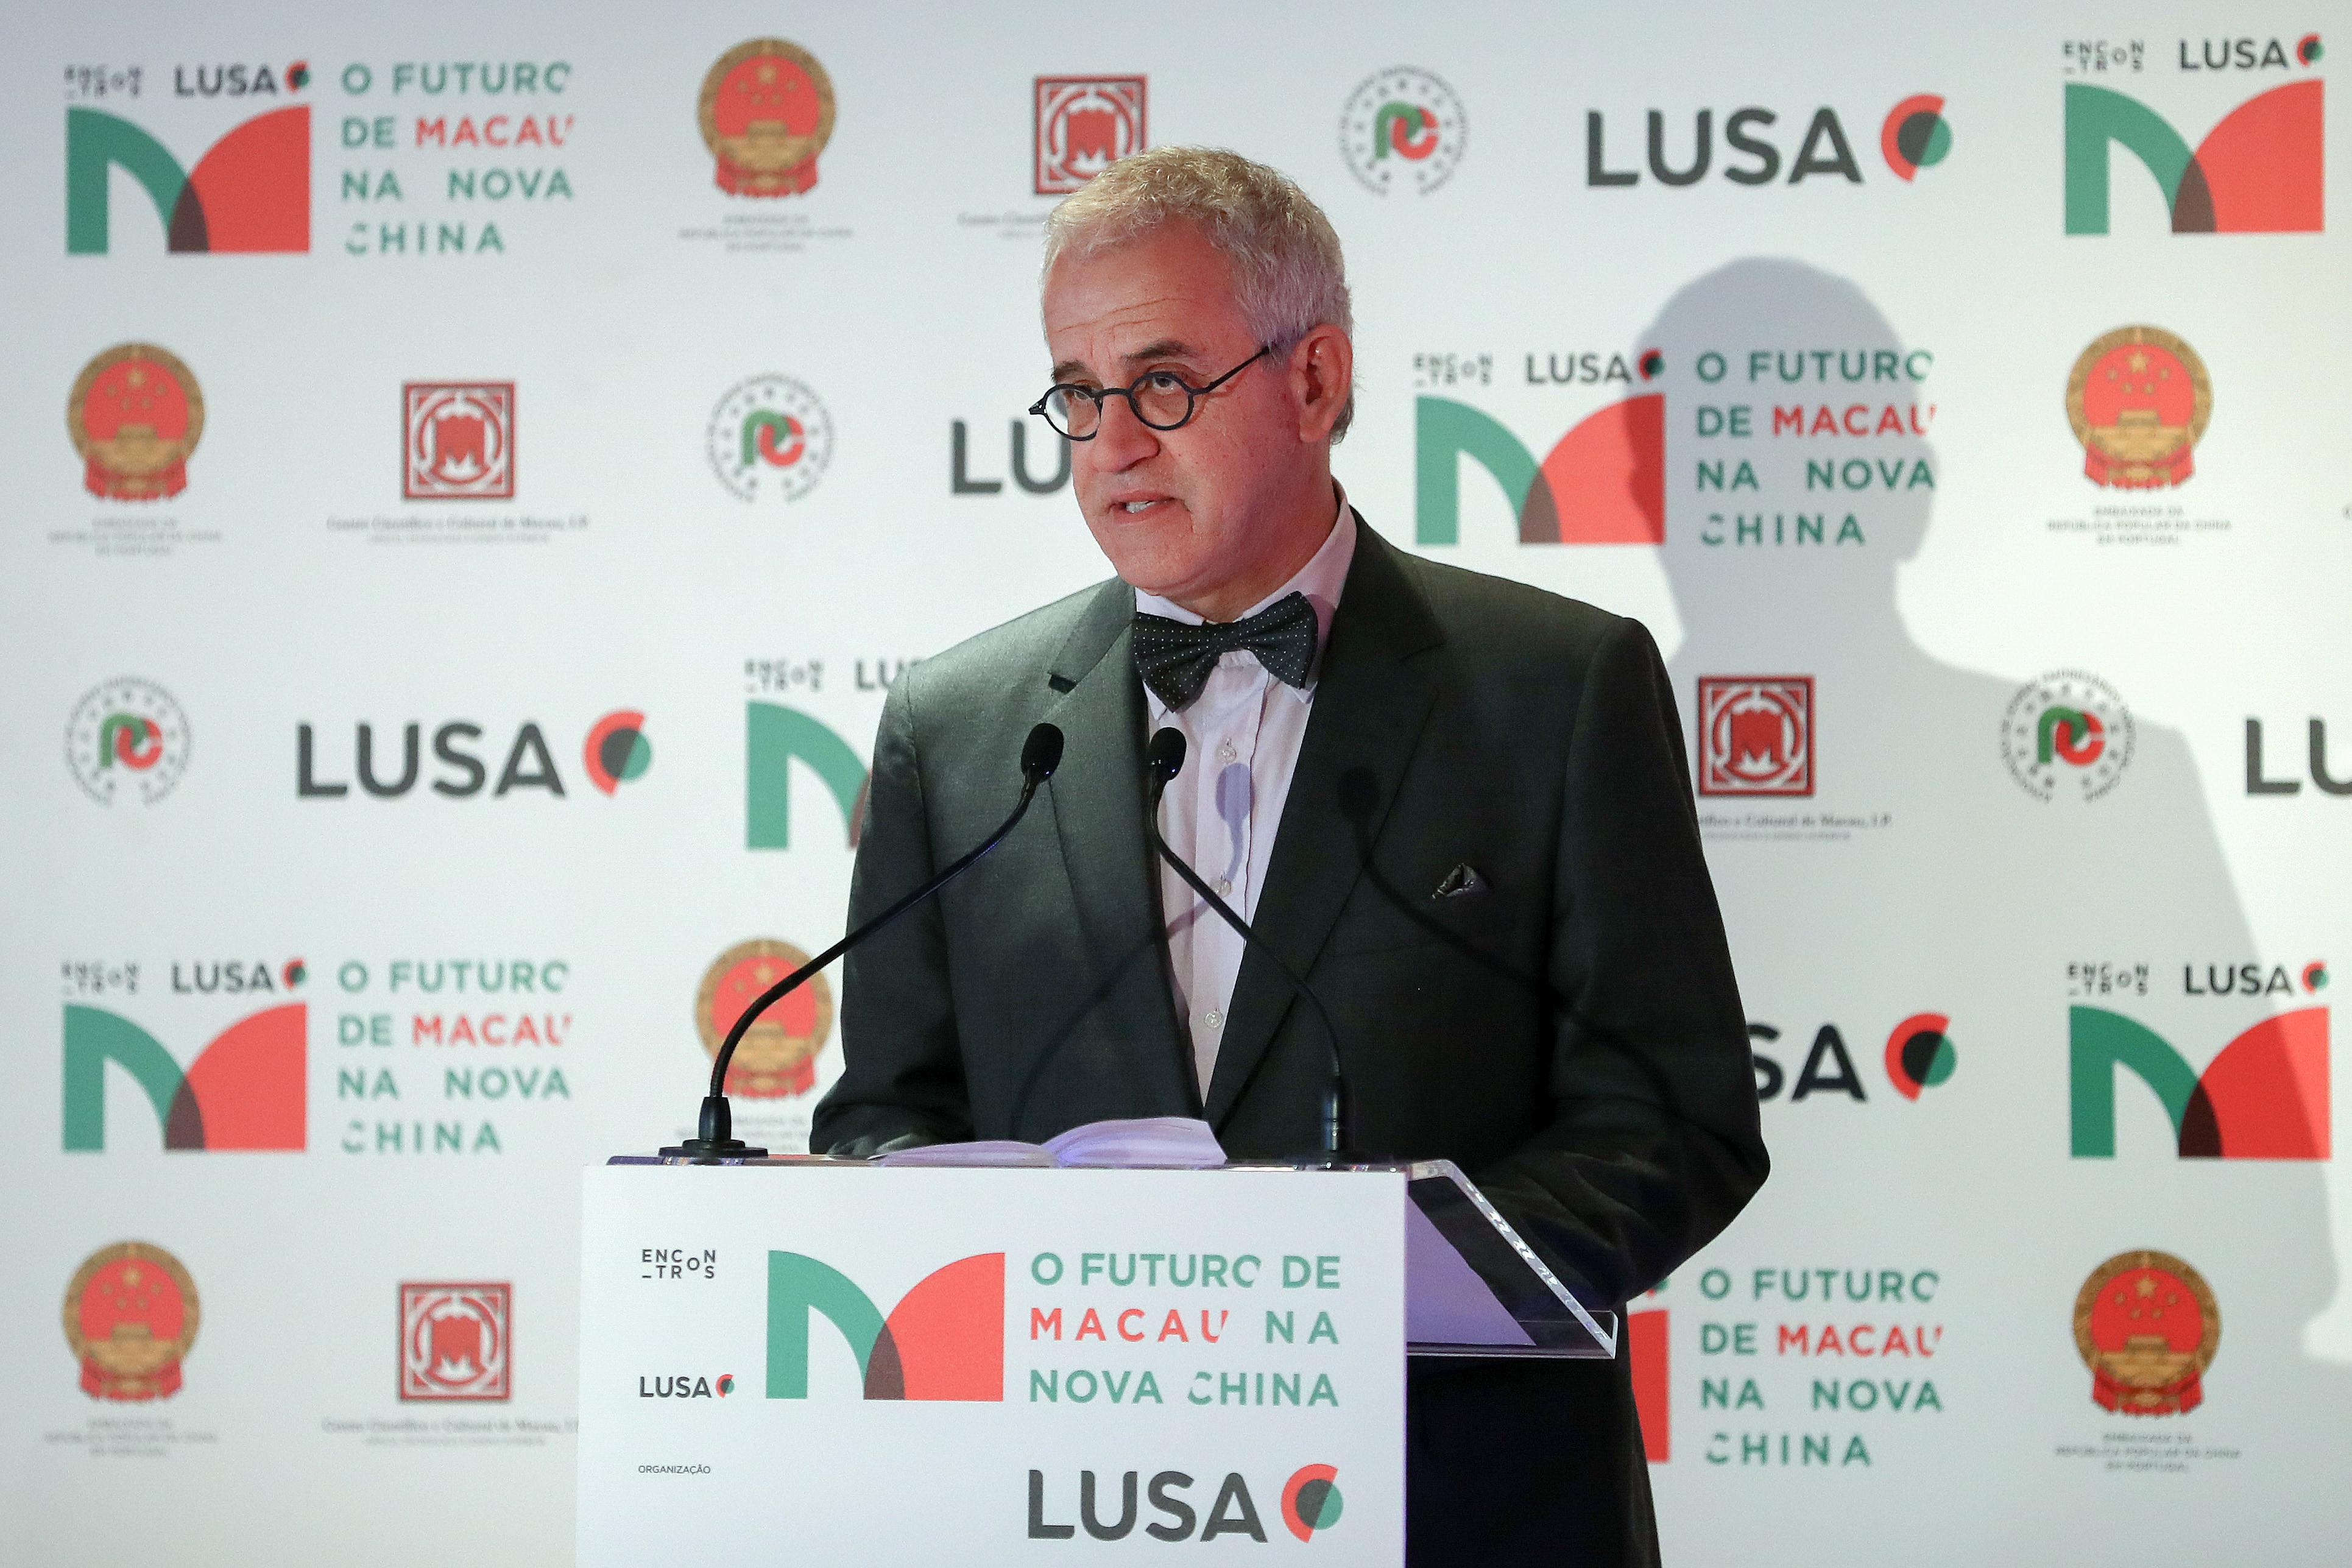 Presidente da Lusa realça relações sino-portuguesas e esforços da agência